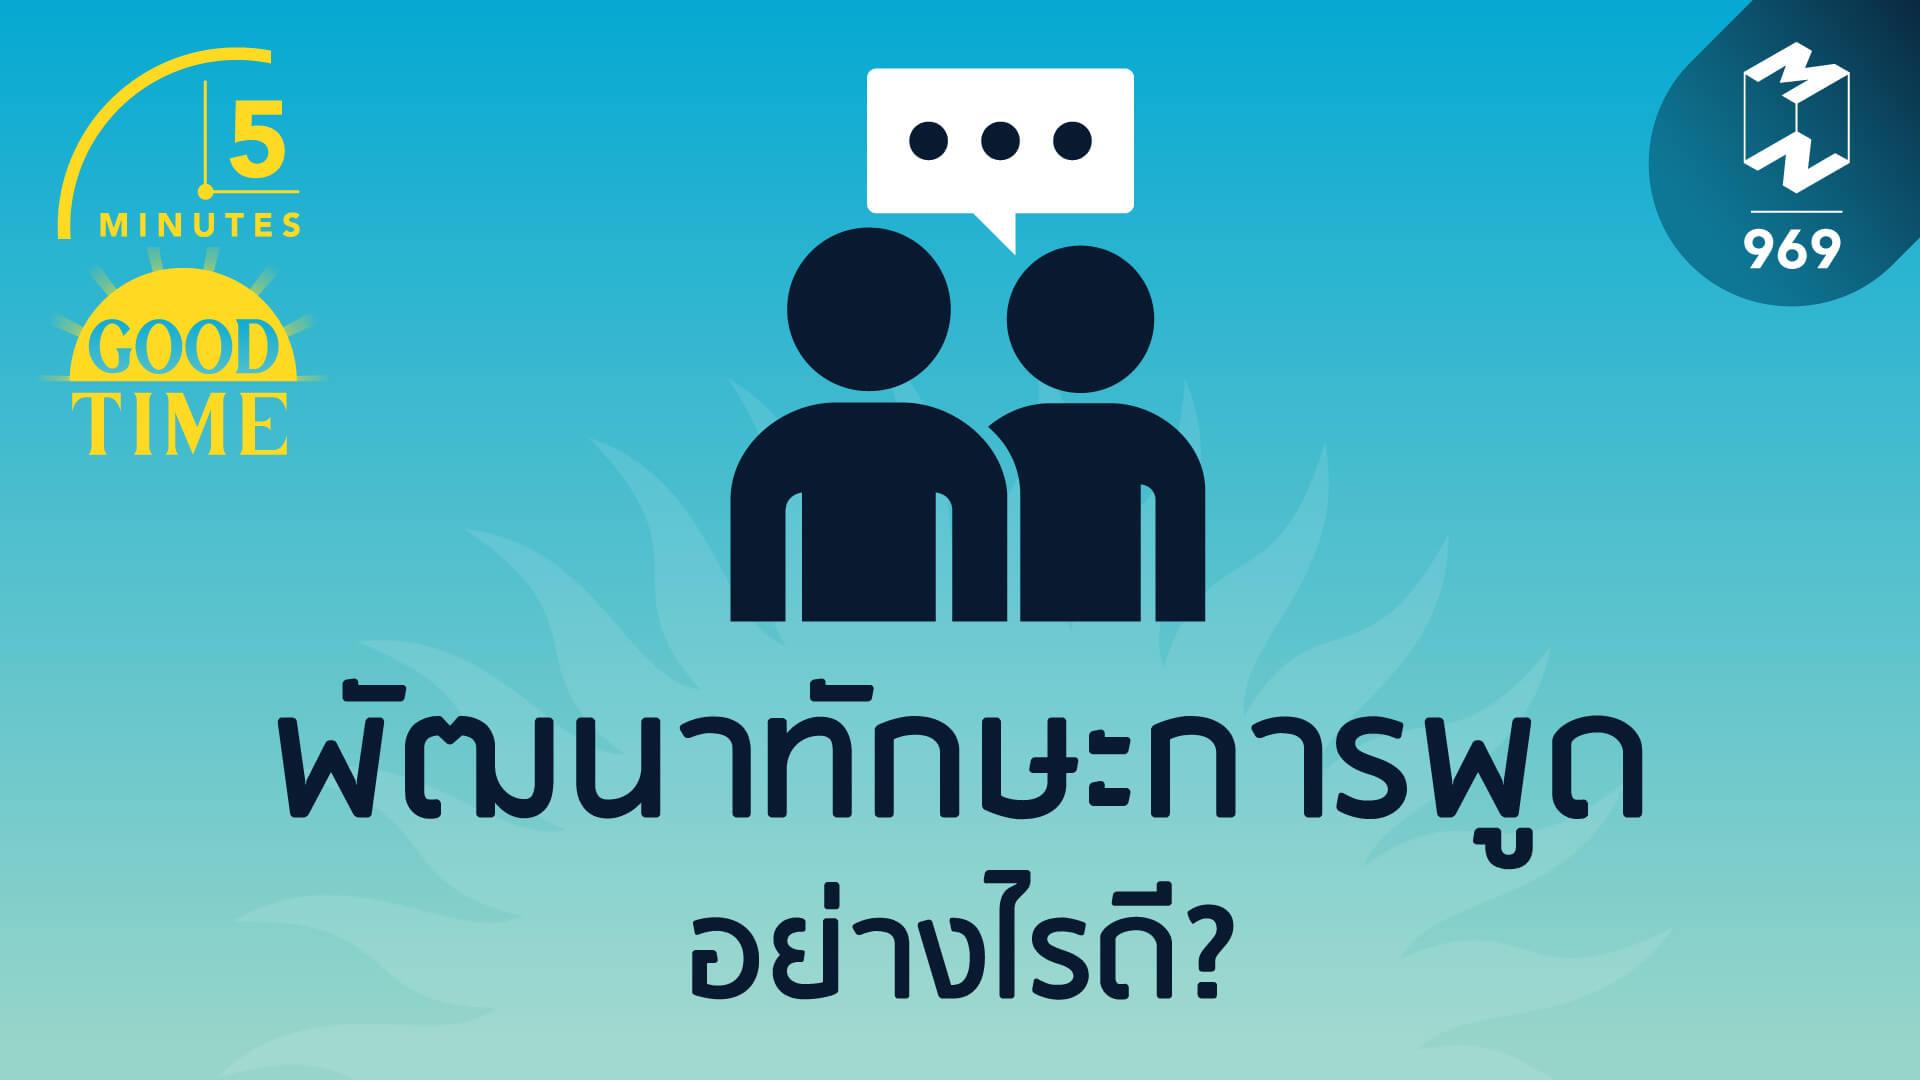 พัฒนาทักษะการพูดอย่างไรดี? | 5M EP.969